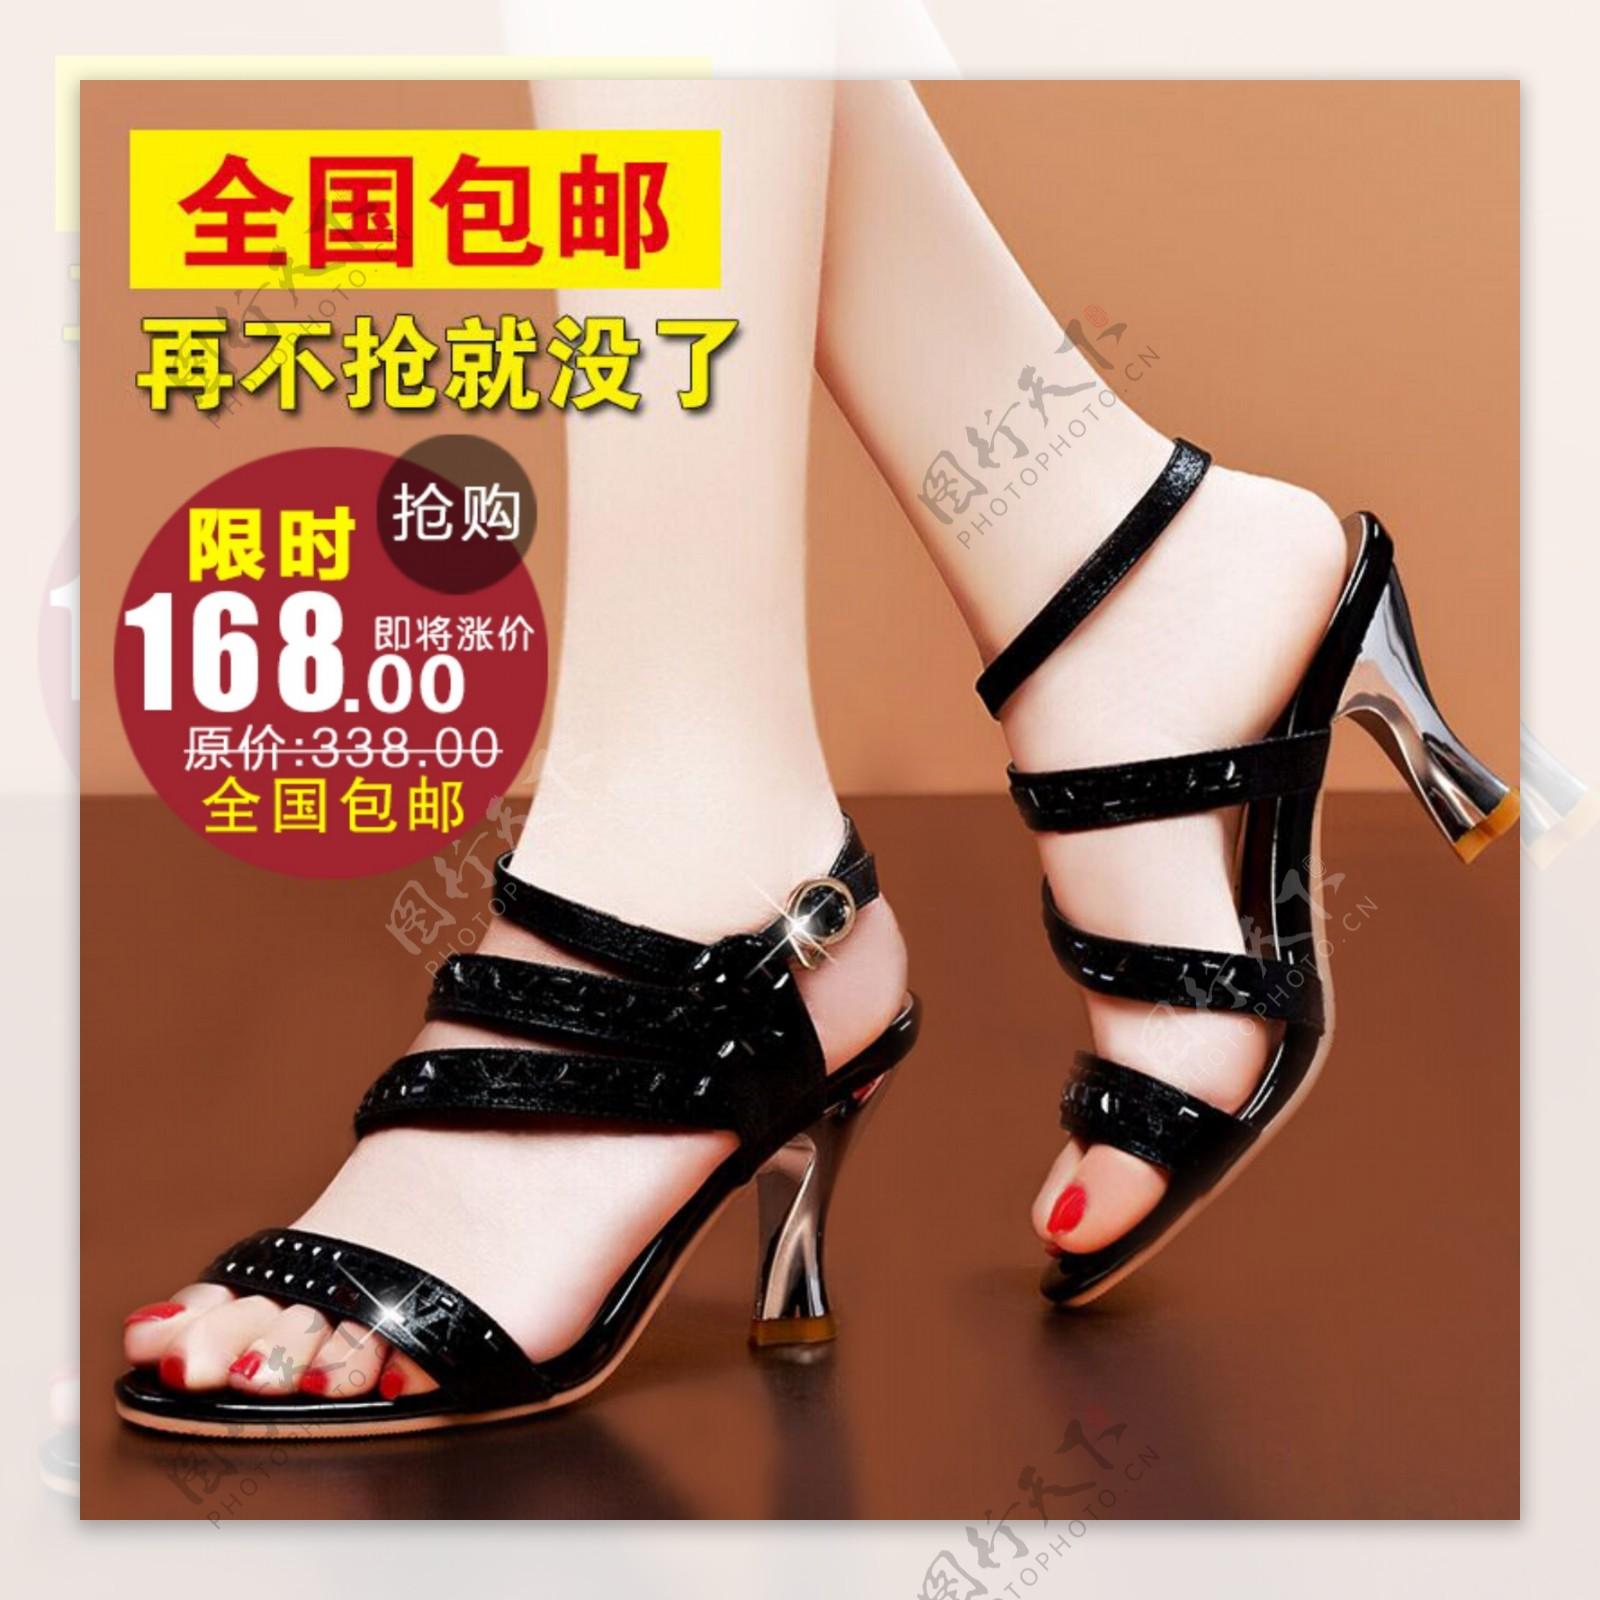 春季夏季女鞋凉鞋直通车首图